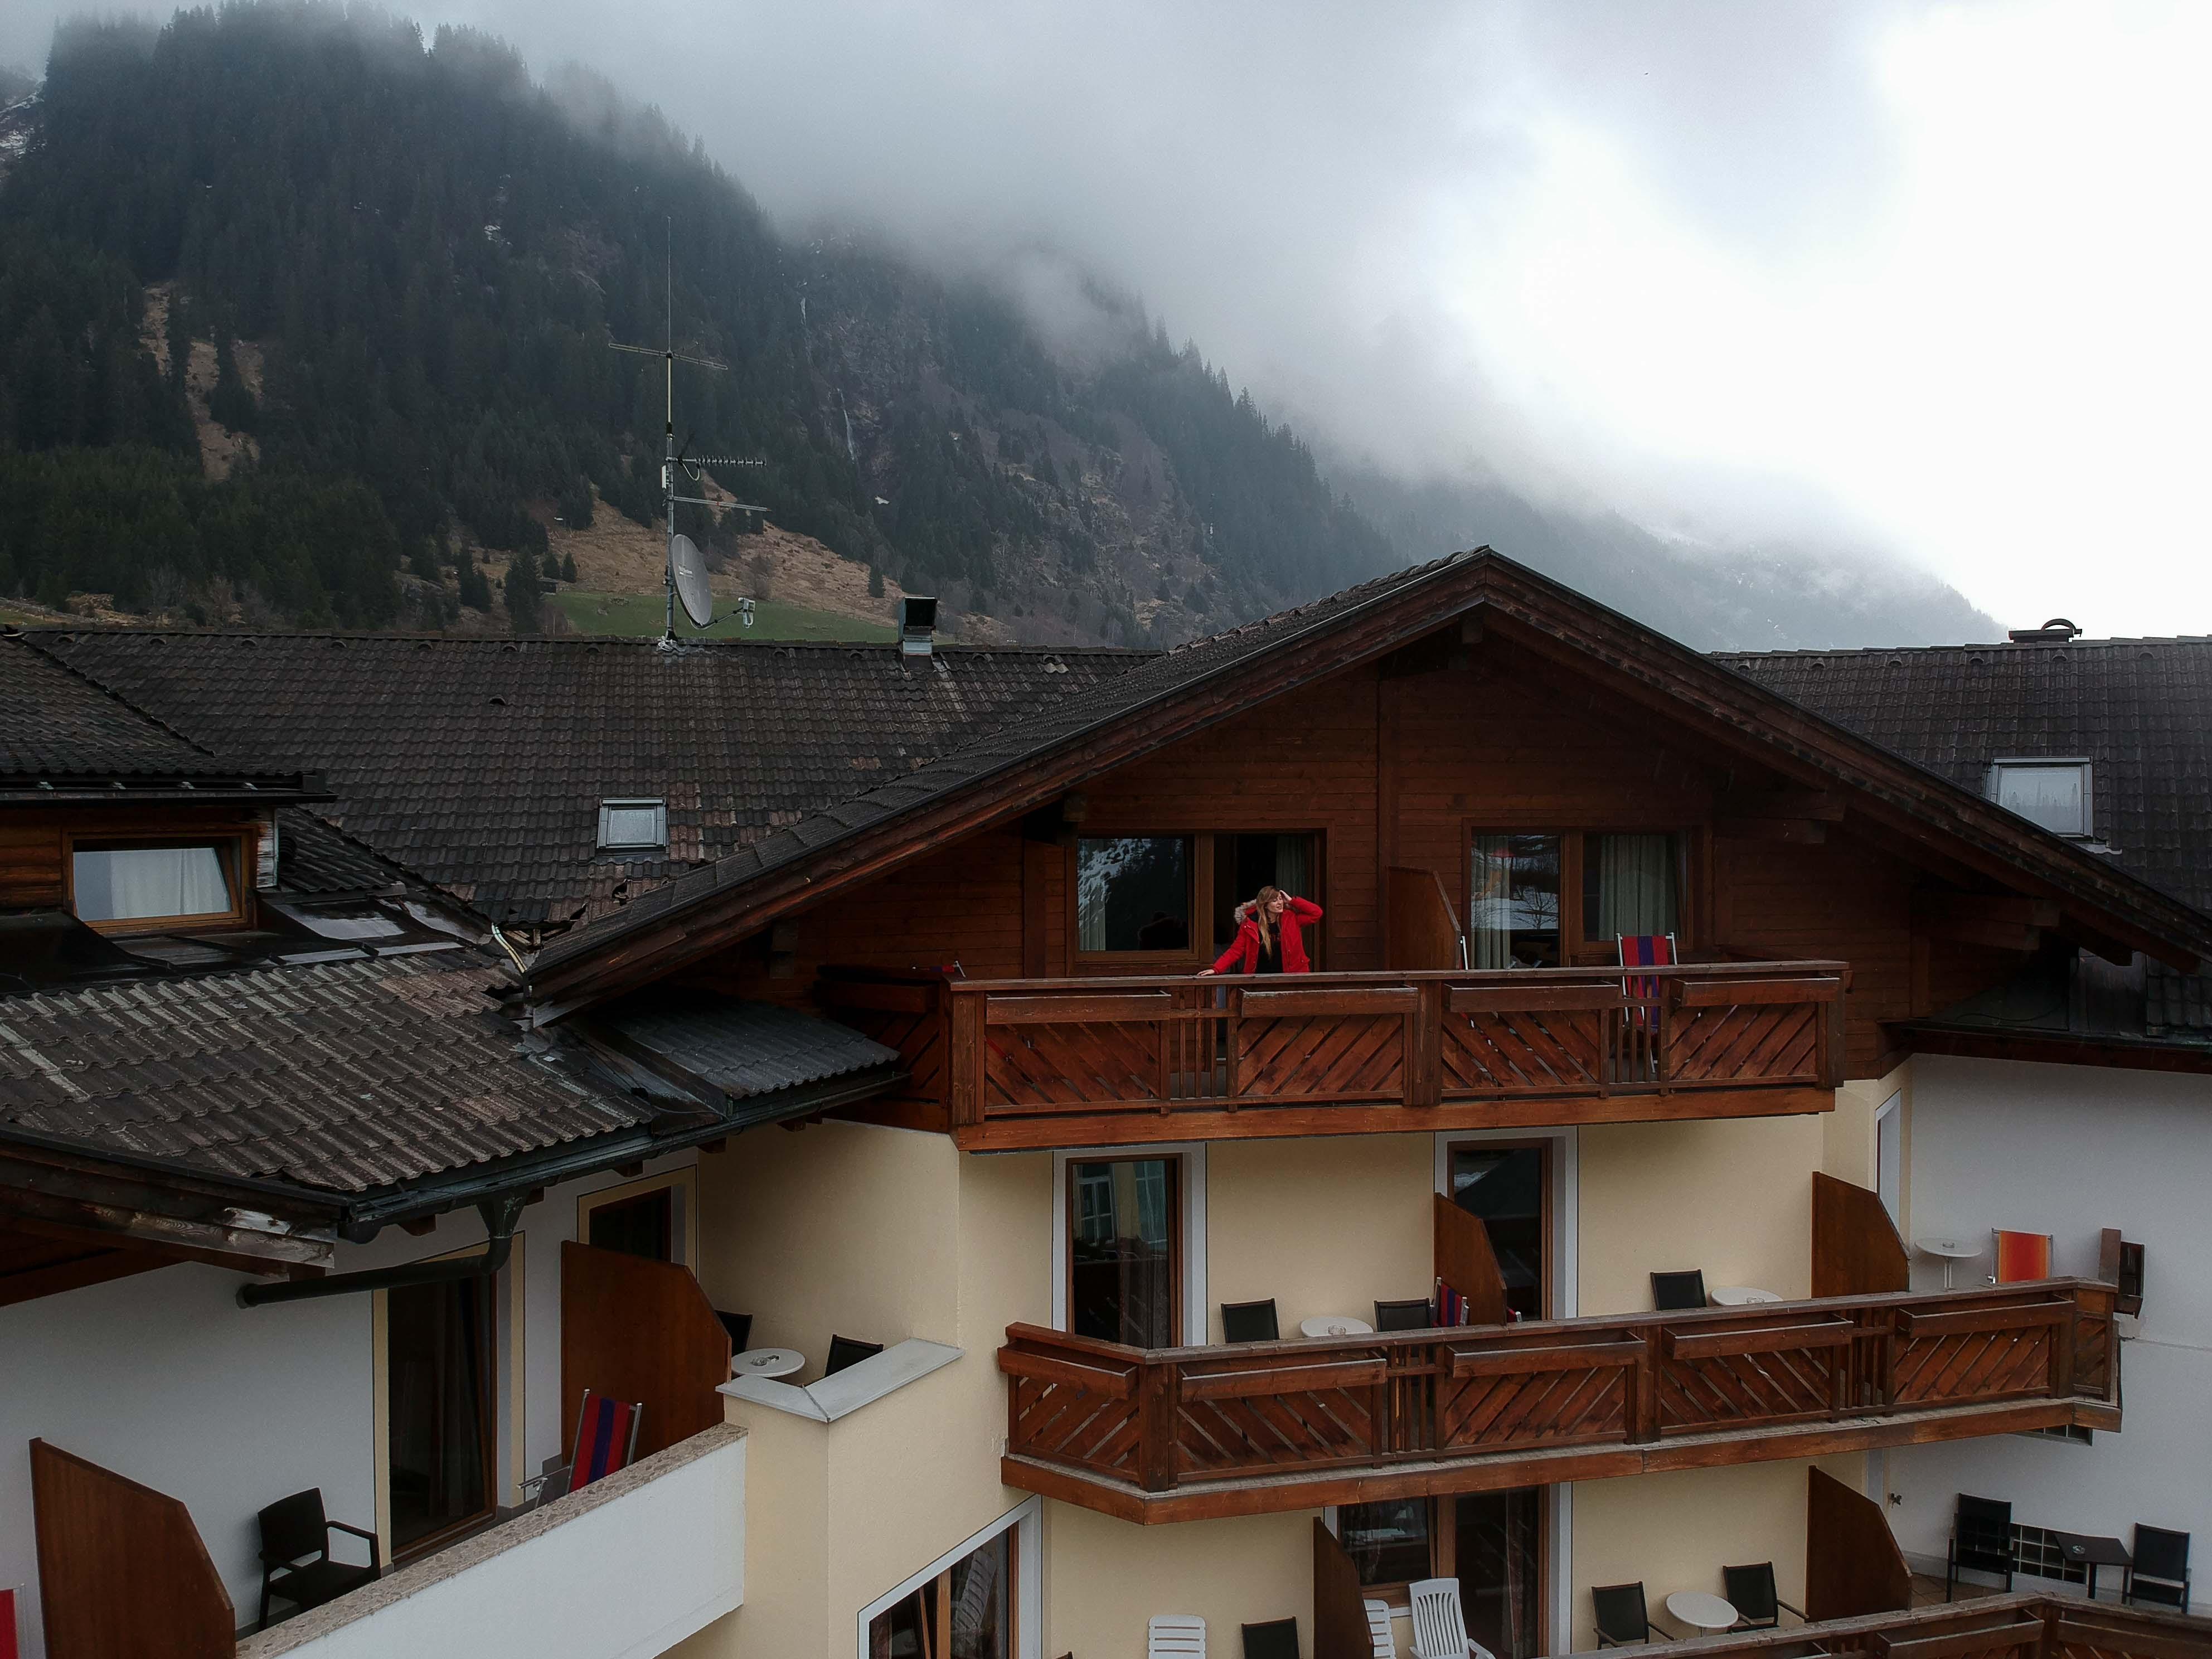 Südtirol-Hotel-Schneeberg-Italien-Wellnesshotel-Reiseblog-Wellnessurlaub-Kurzurlaub-Hotelempfehlung-Skiurlaub-Winterurlaub-Balkon-Brinisfashionbook.